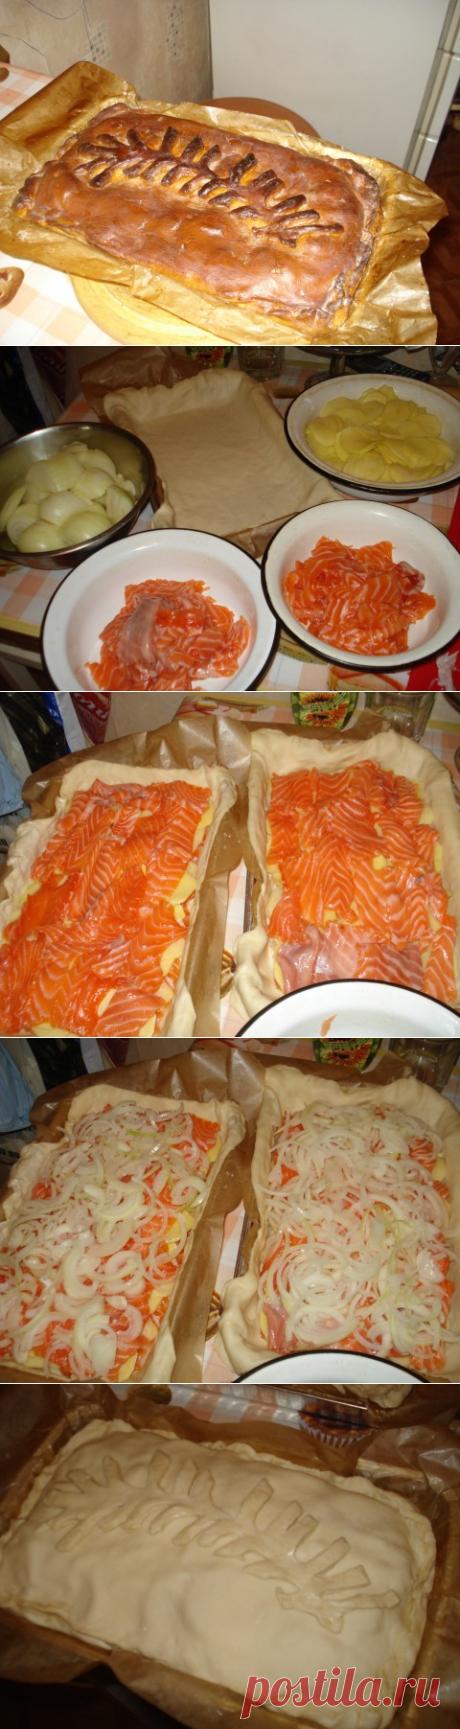 Рыбный пирог - рецепт, которому не менее 100 лет. Мой любимый